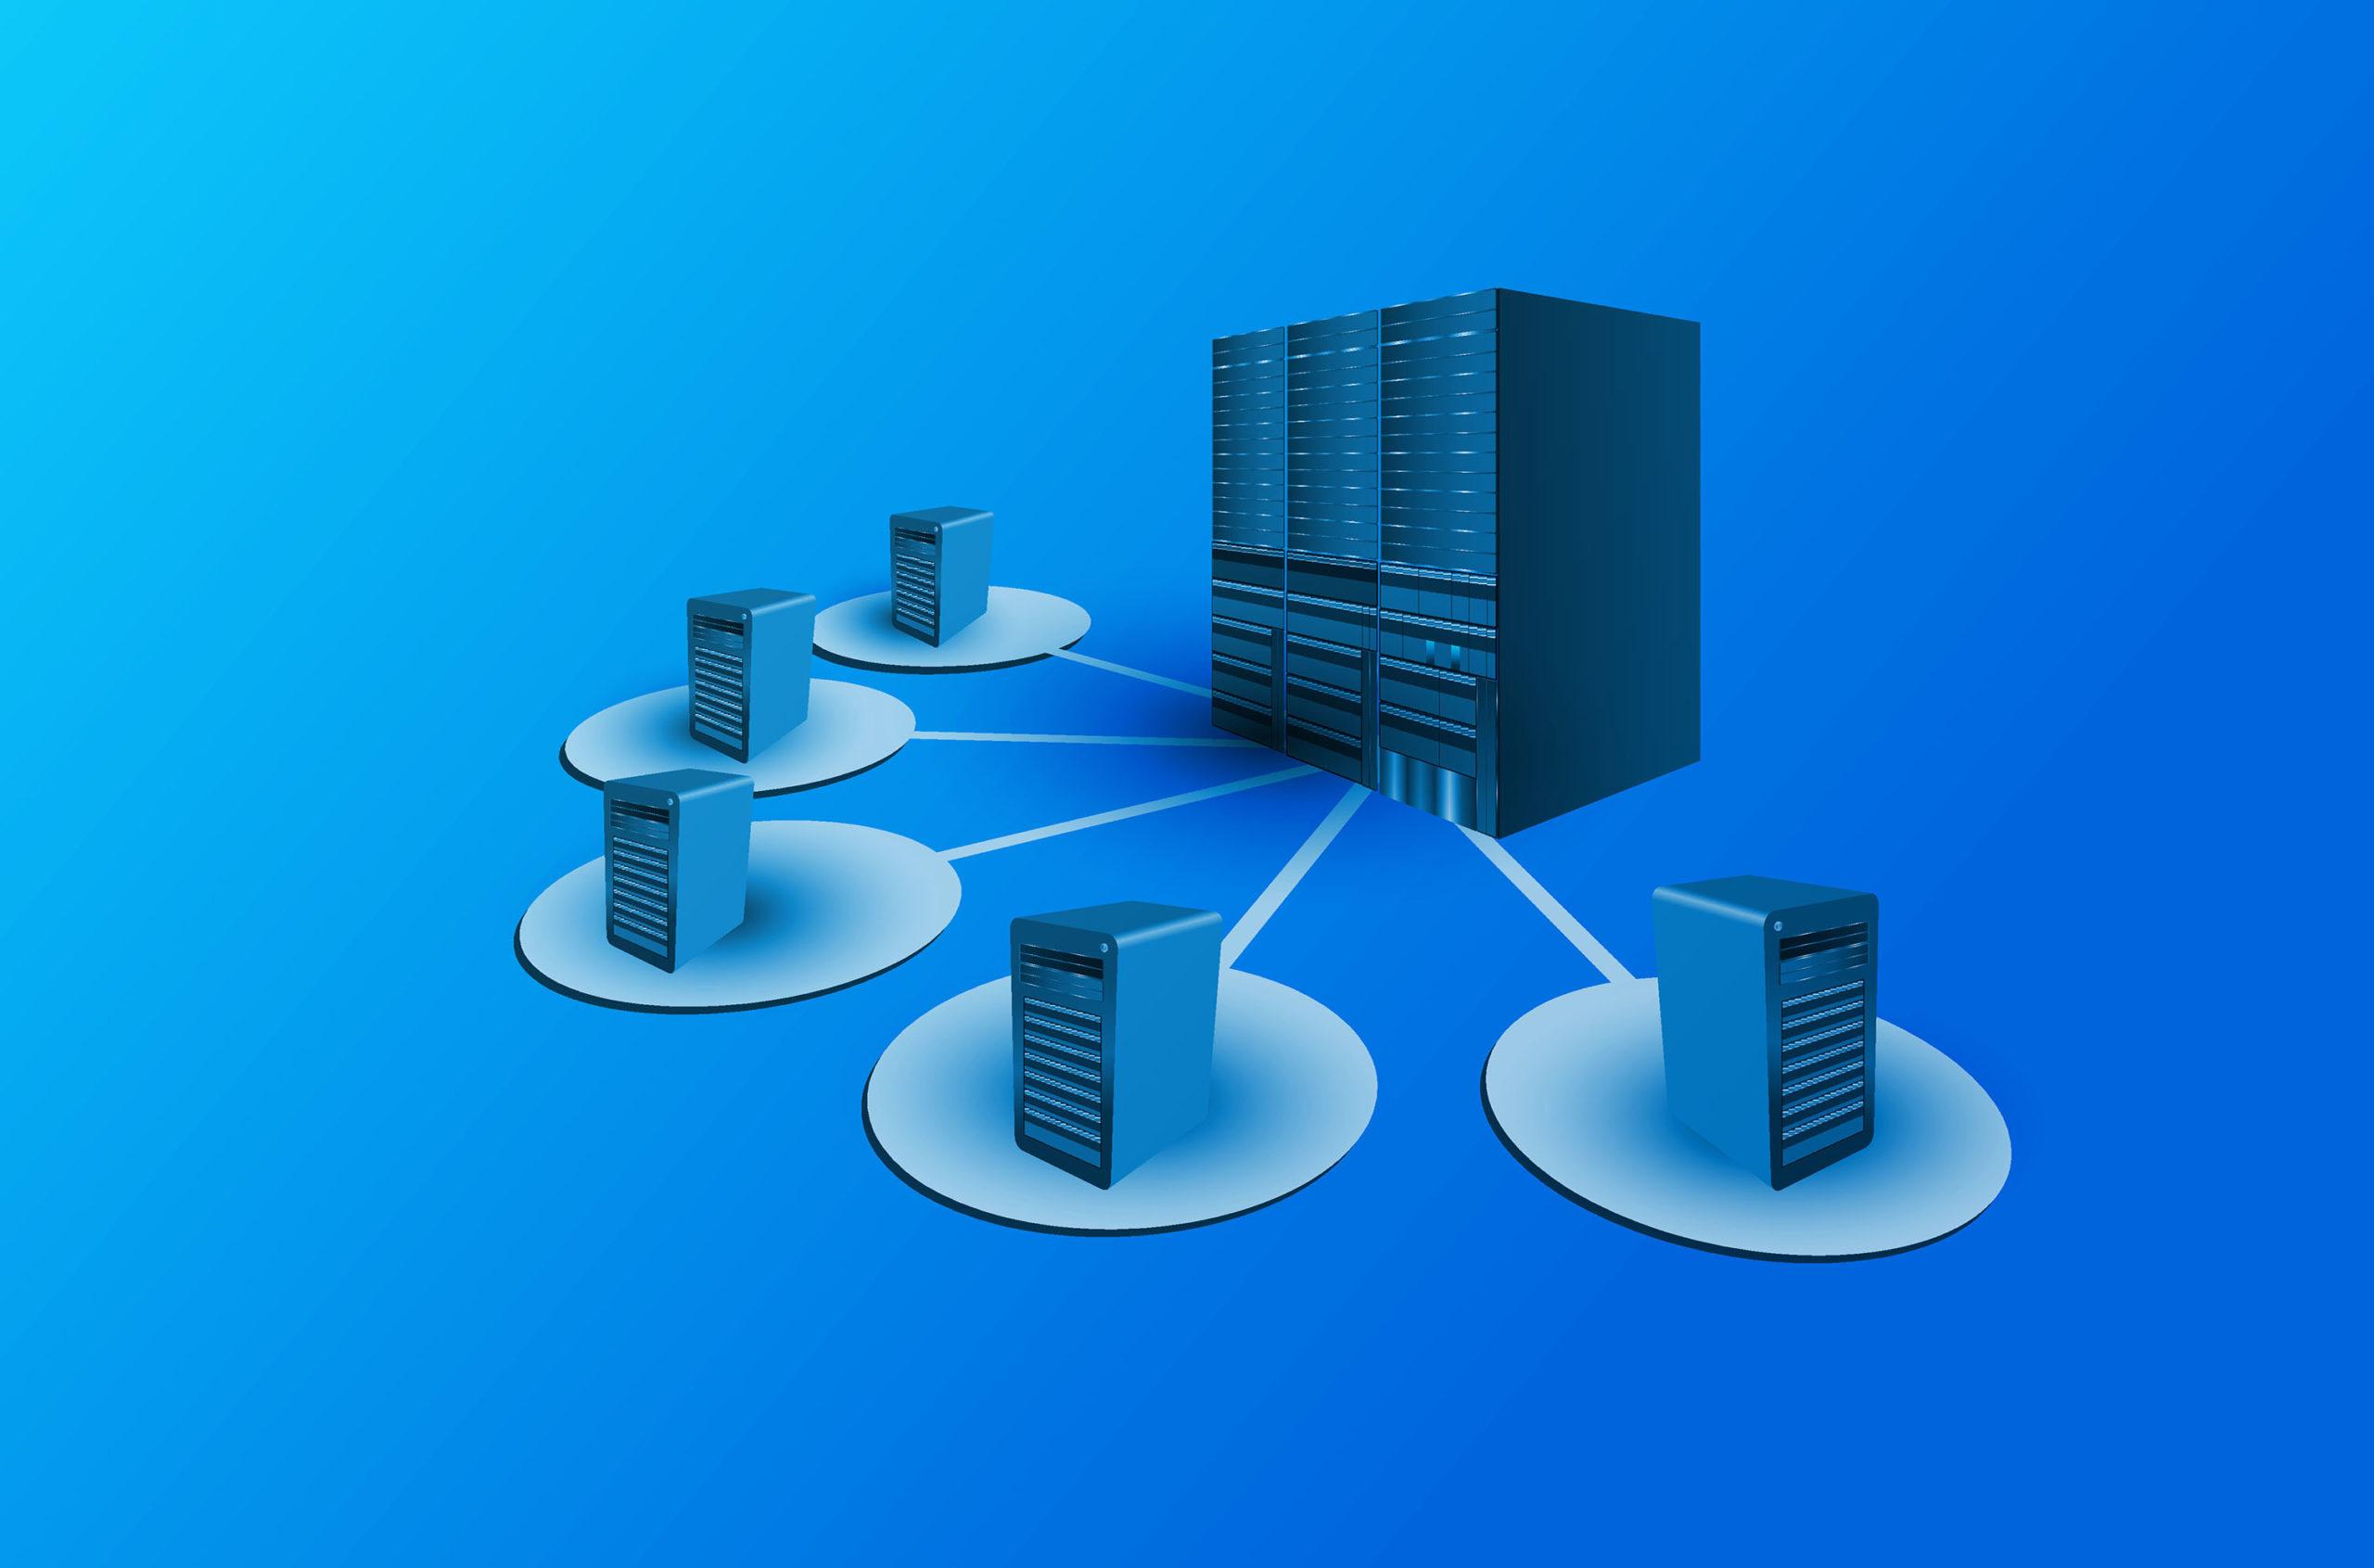 Ein Serverraum mit vielen verschieden Servern angebunden